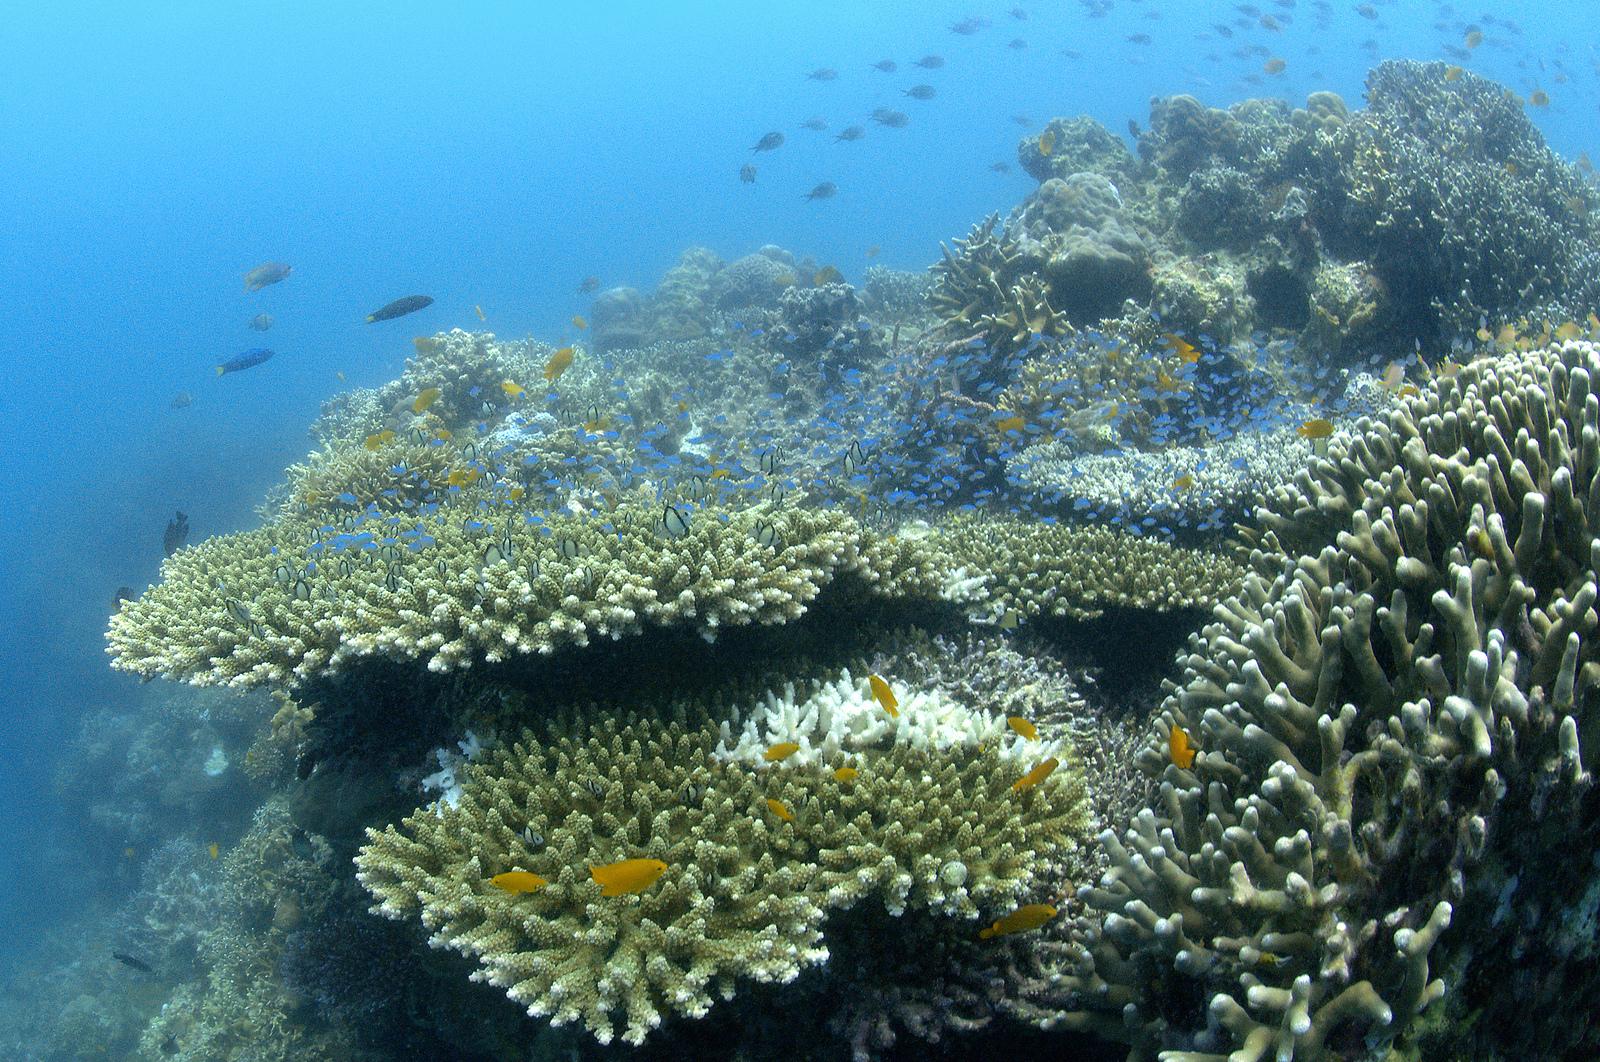 Arrecifes,El peligro de elegirlos: ¿Sabías cuánto contaminan los cruceros?